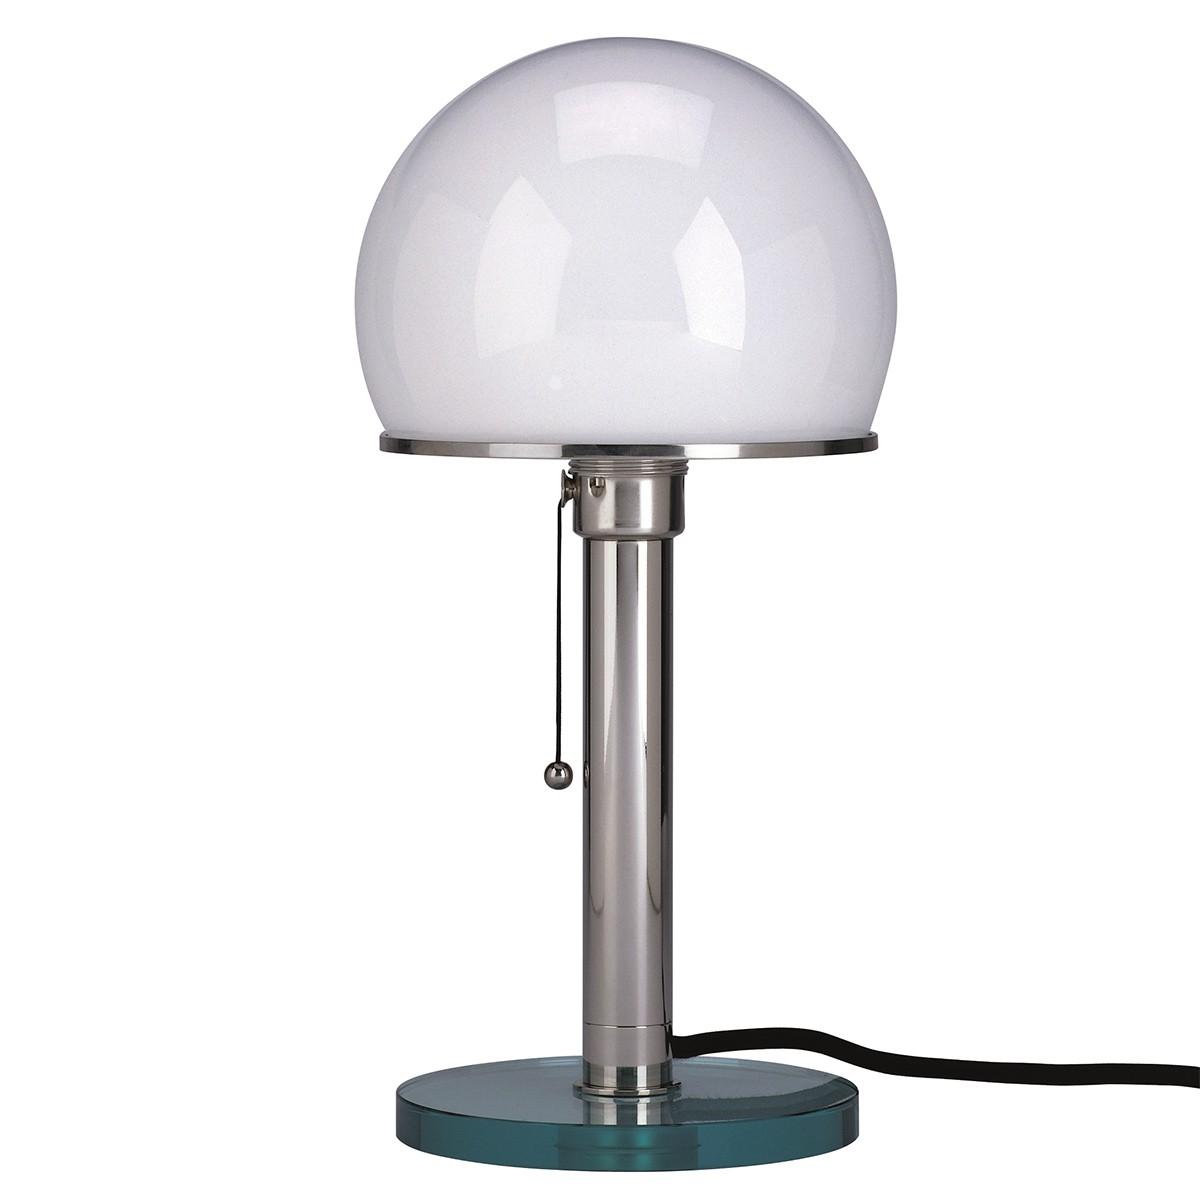 Tecnolumen Wagenfeld Tischleuchte, WG 25 GL, Fuß: Klarglas, Schaft: Nickel, Schirm: Glas opalüberfangen